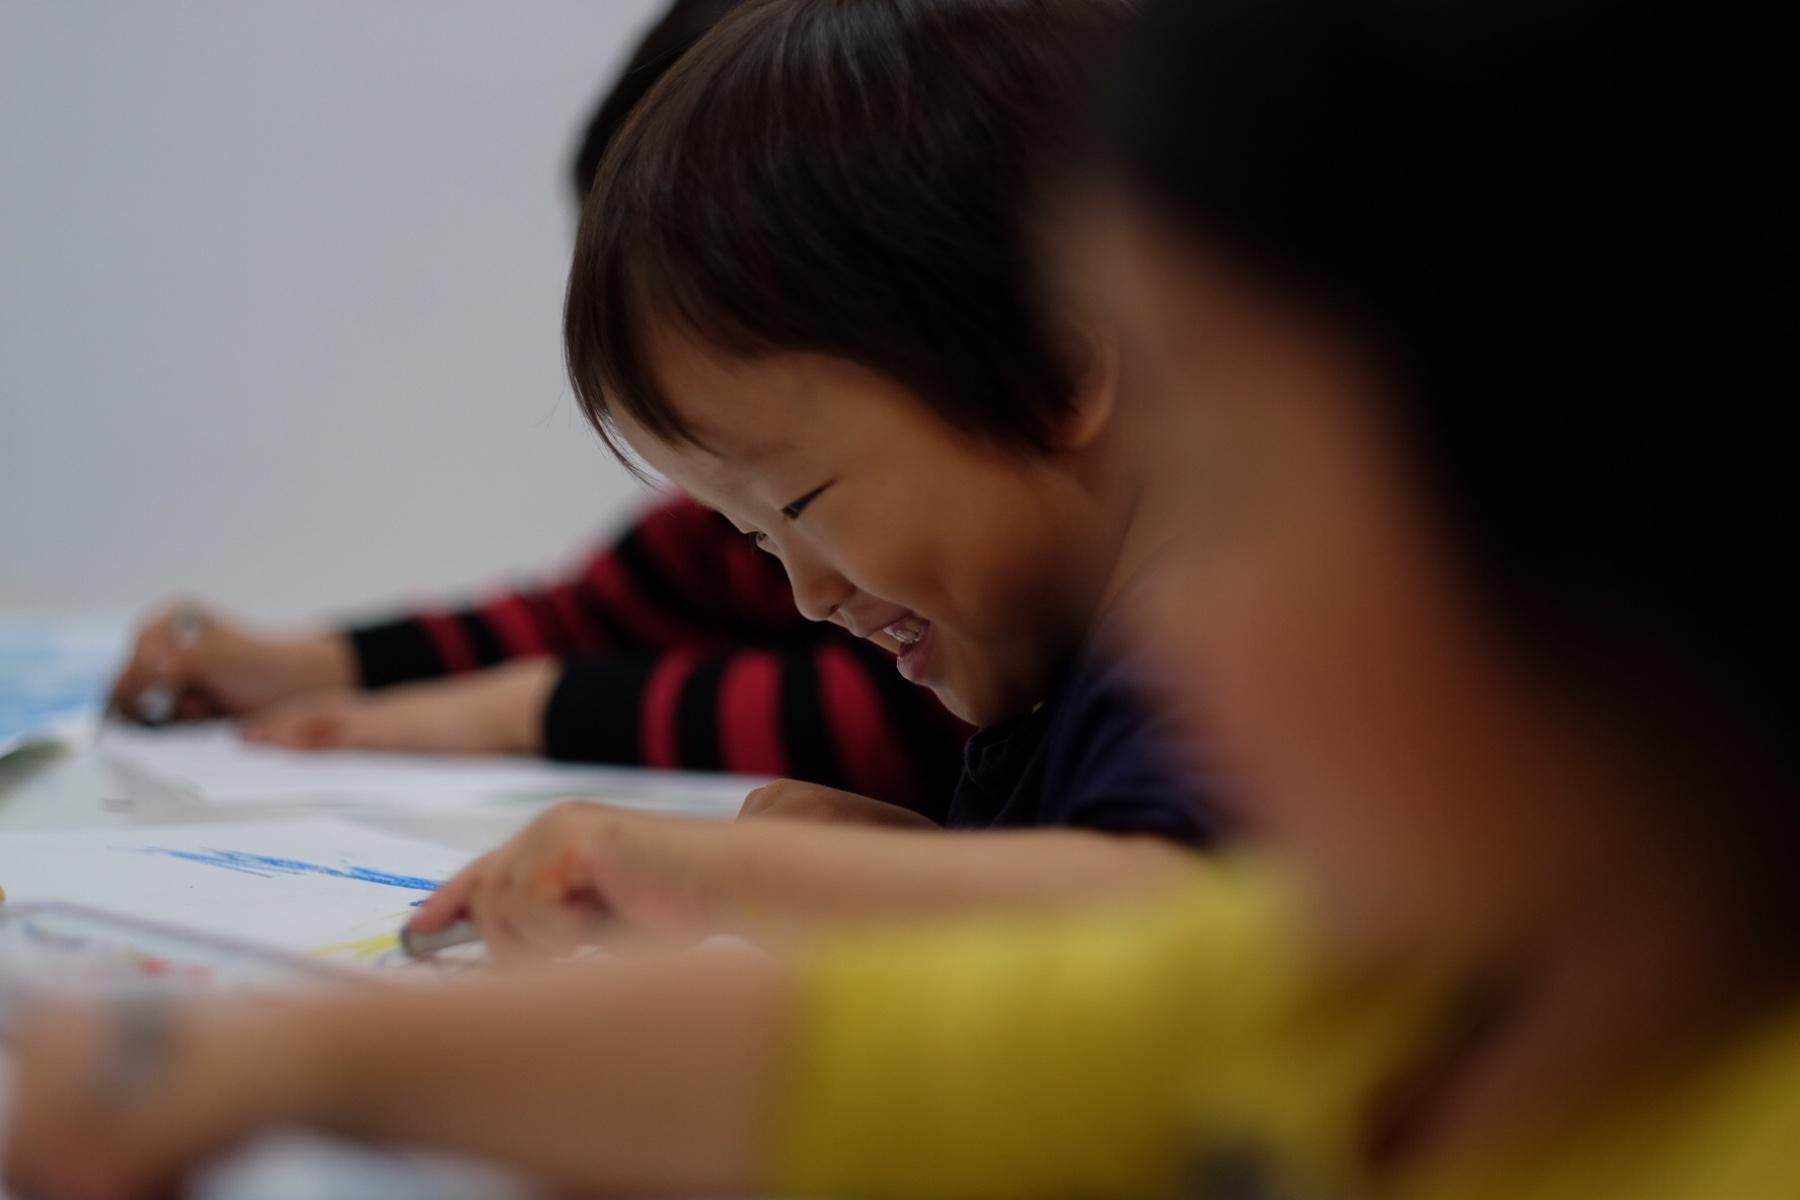 6/4無料体験開催!大阪 北区 南森町 幼児 絵画教室【モネットスクール】